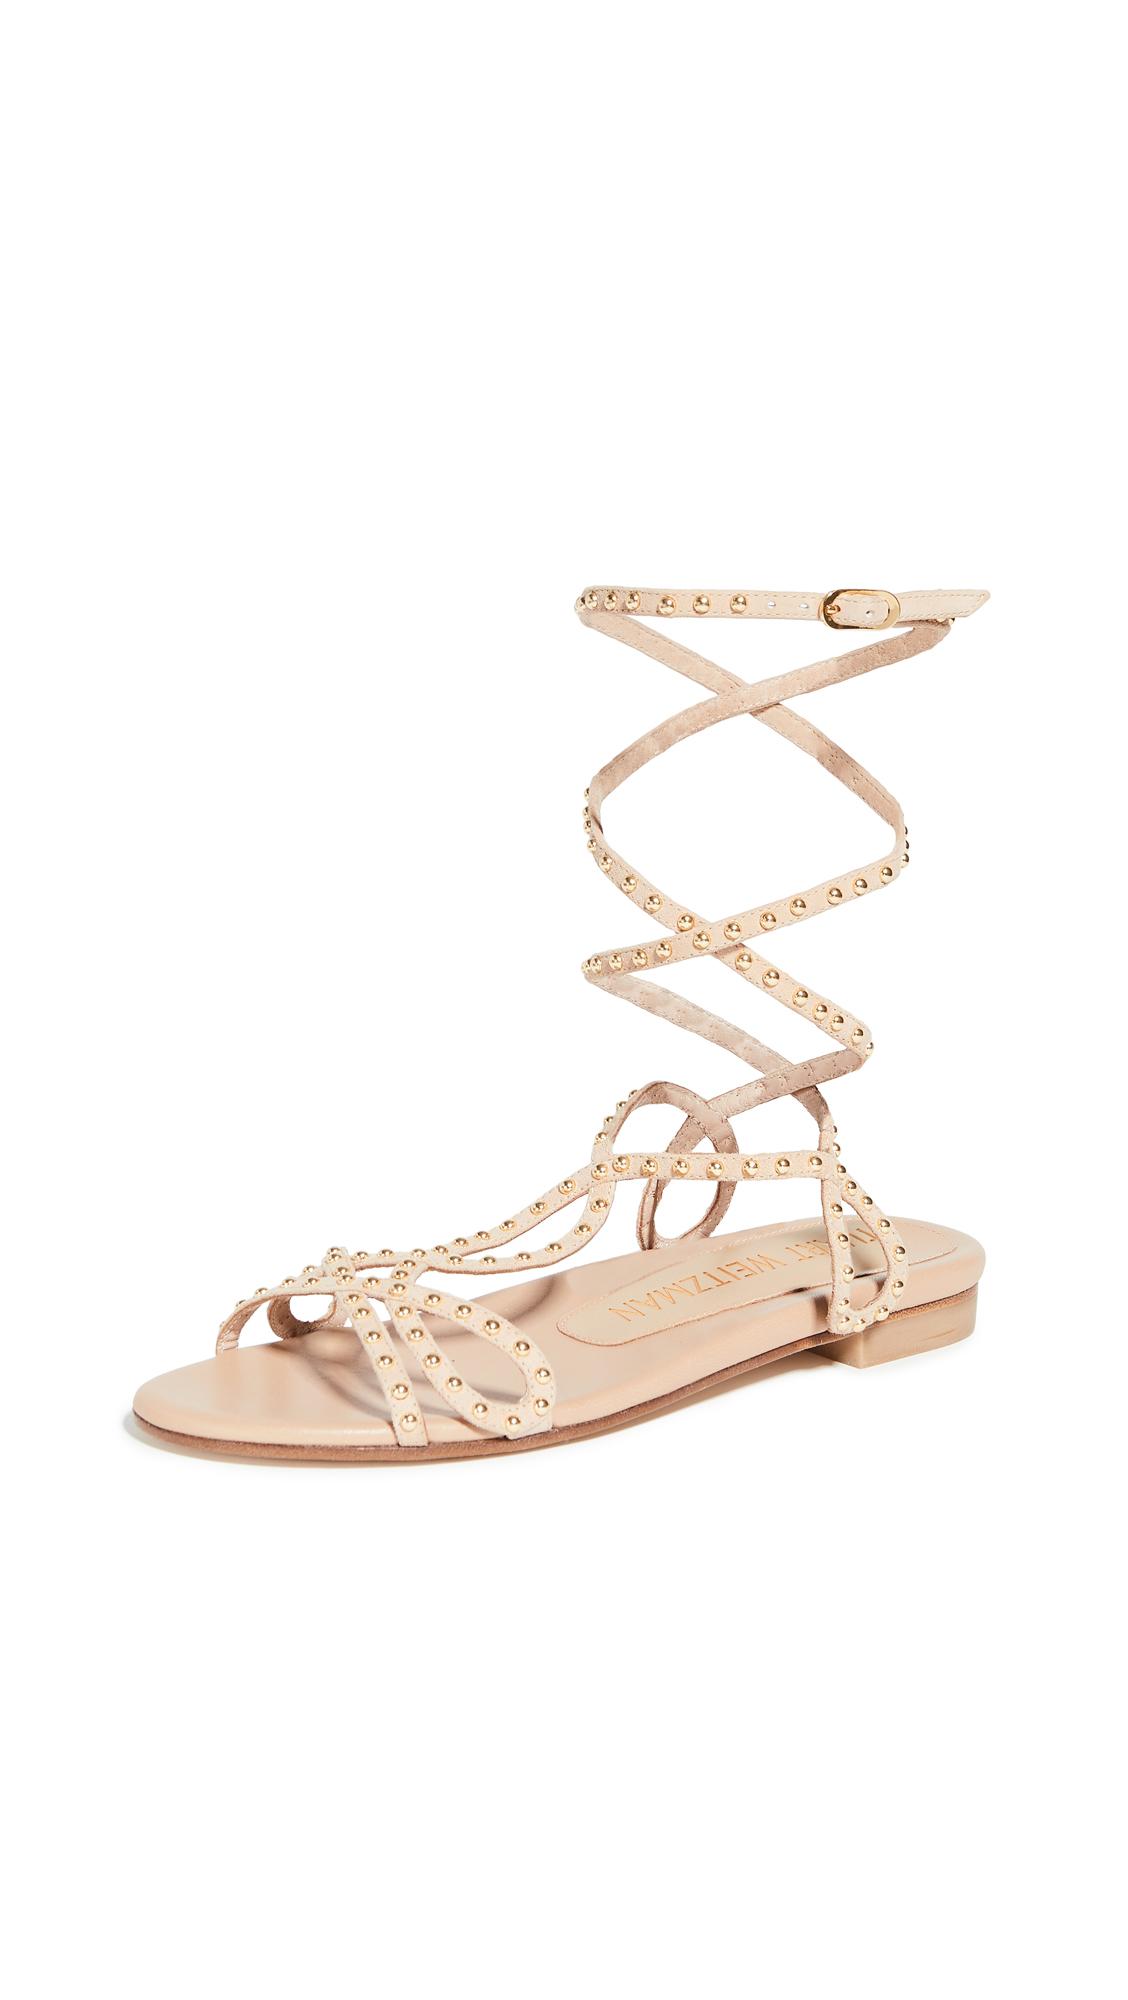 Stuart Weitzman Leya Bead Flat Sandals - Adobe/Gold